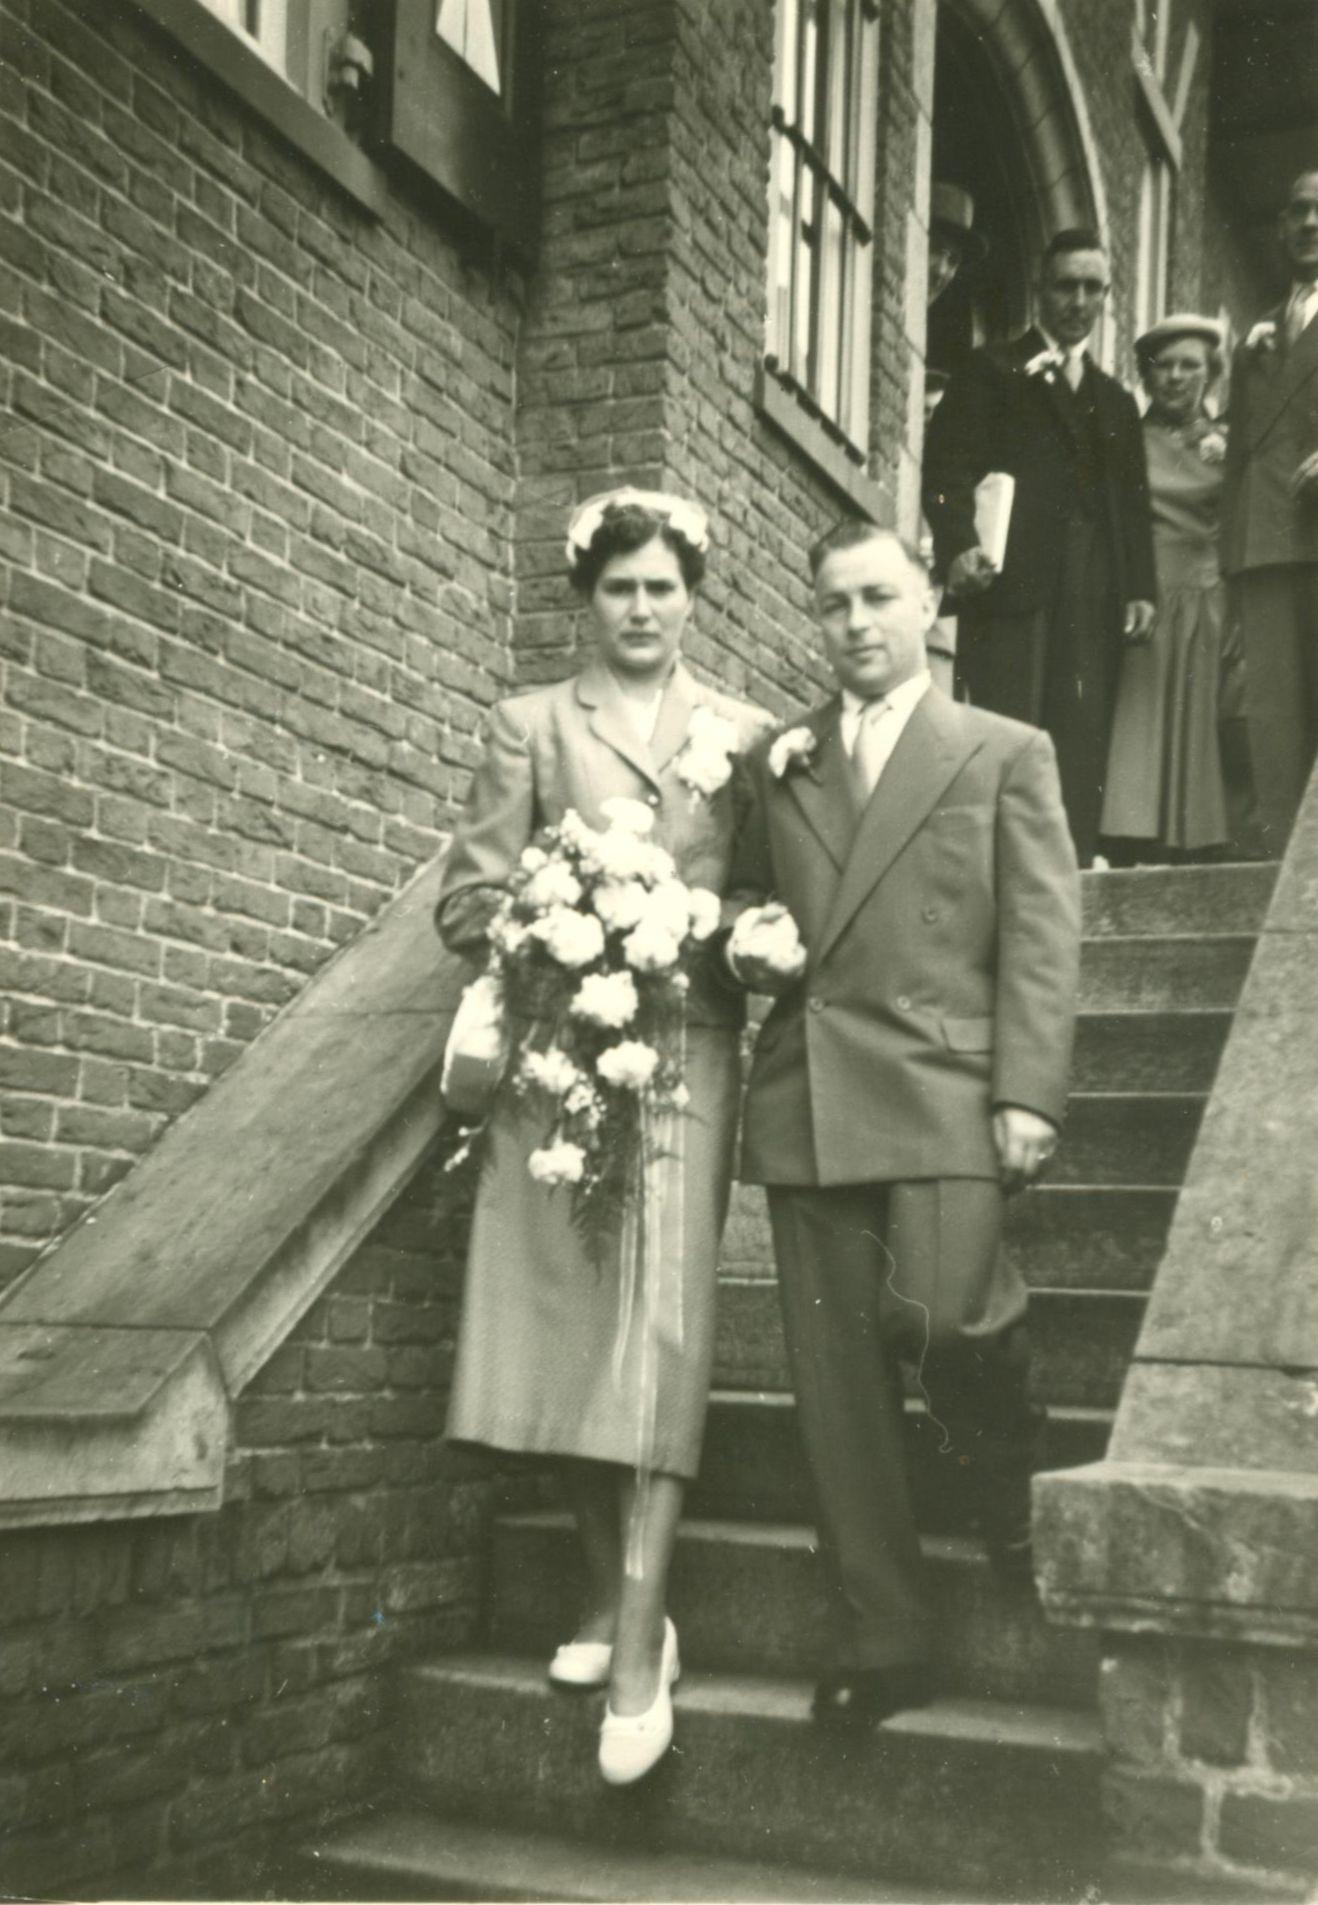 Catharina Joanna Maria van Geel (1937-1976), Marinus Maria Brouwer (1927-2017)